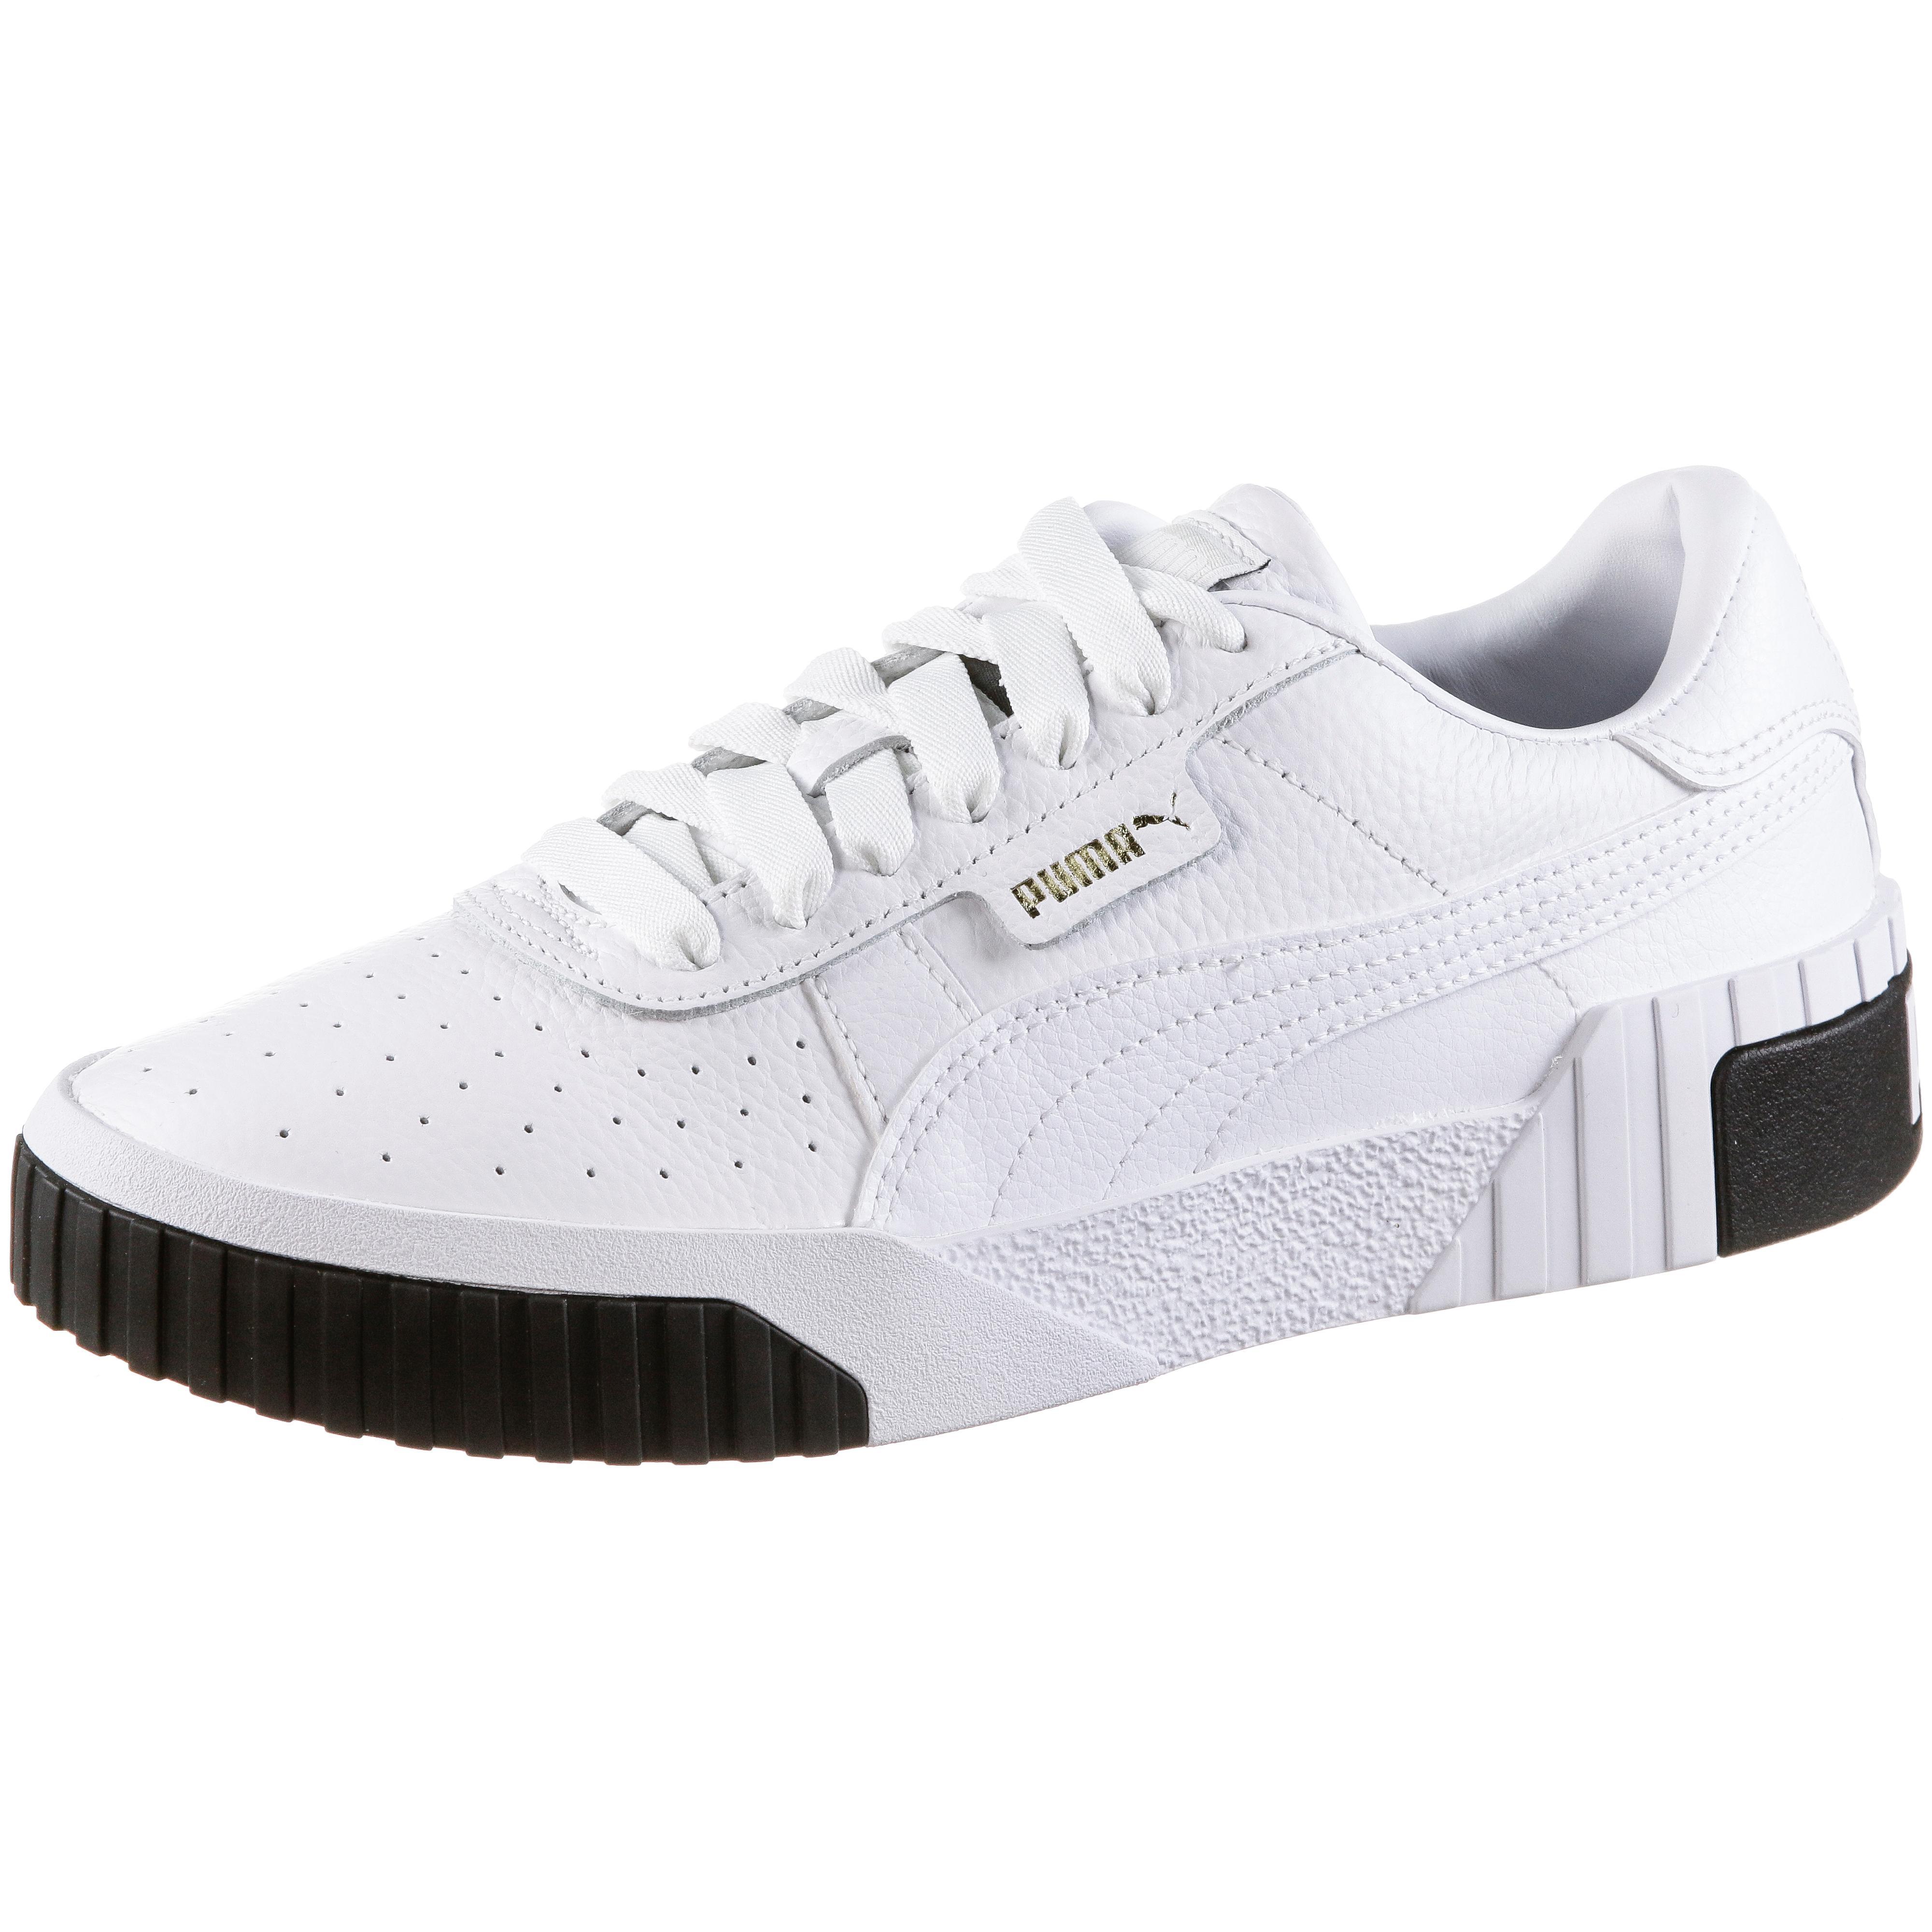 PUMA Cali Sneaker Damen puma white puma black im Online Shop von SportScheck kaufen